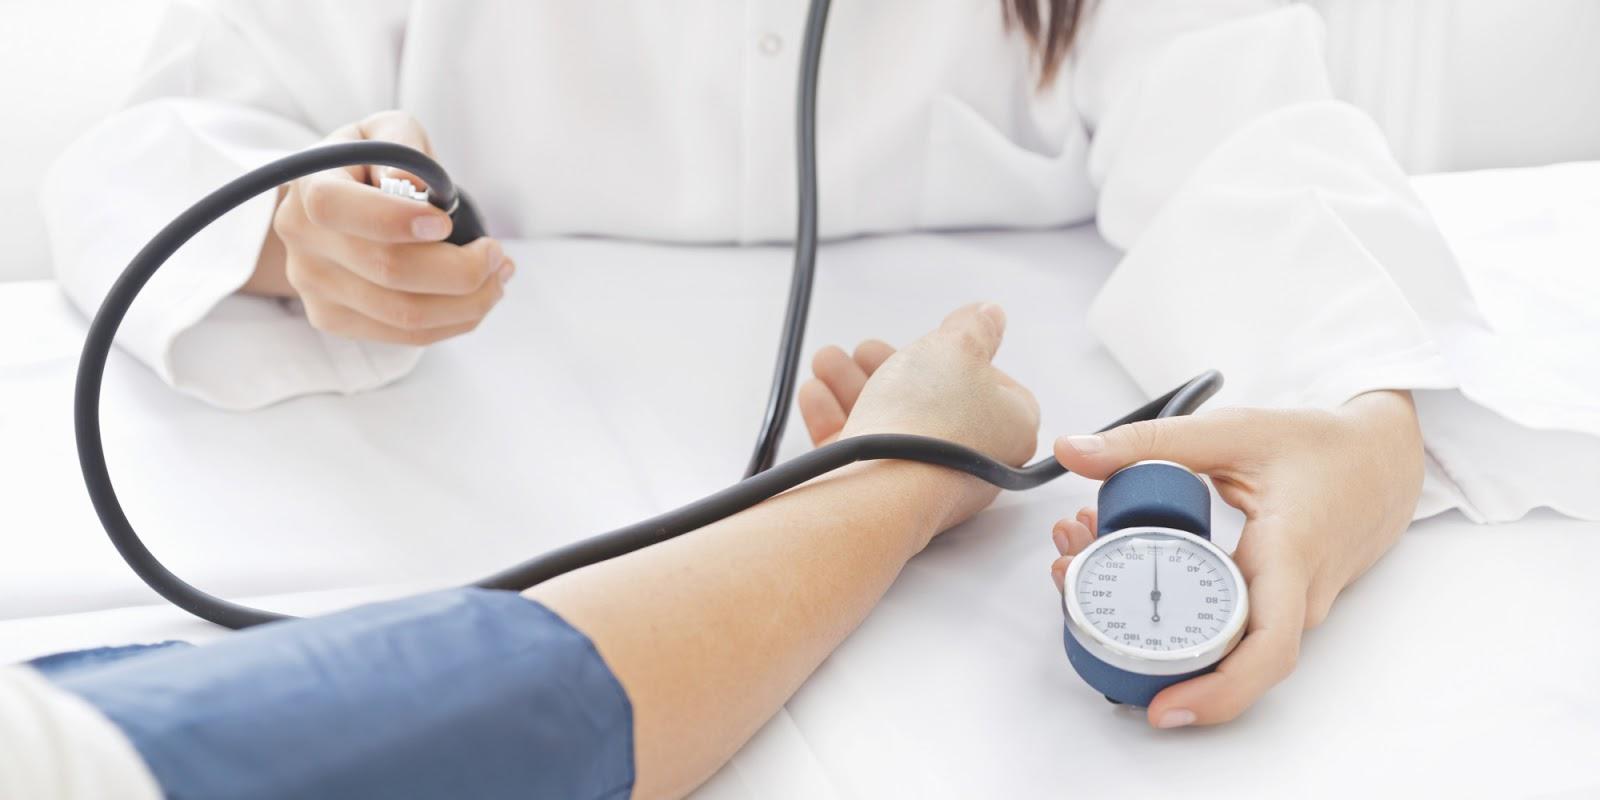 Артериальная гипертензия - симптомы, лечение, профилактика ...